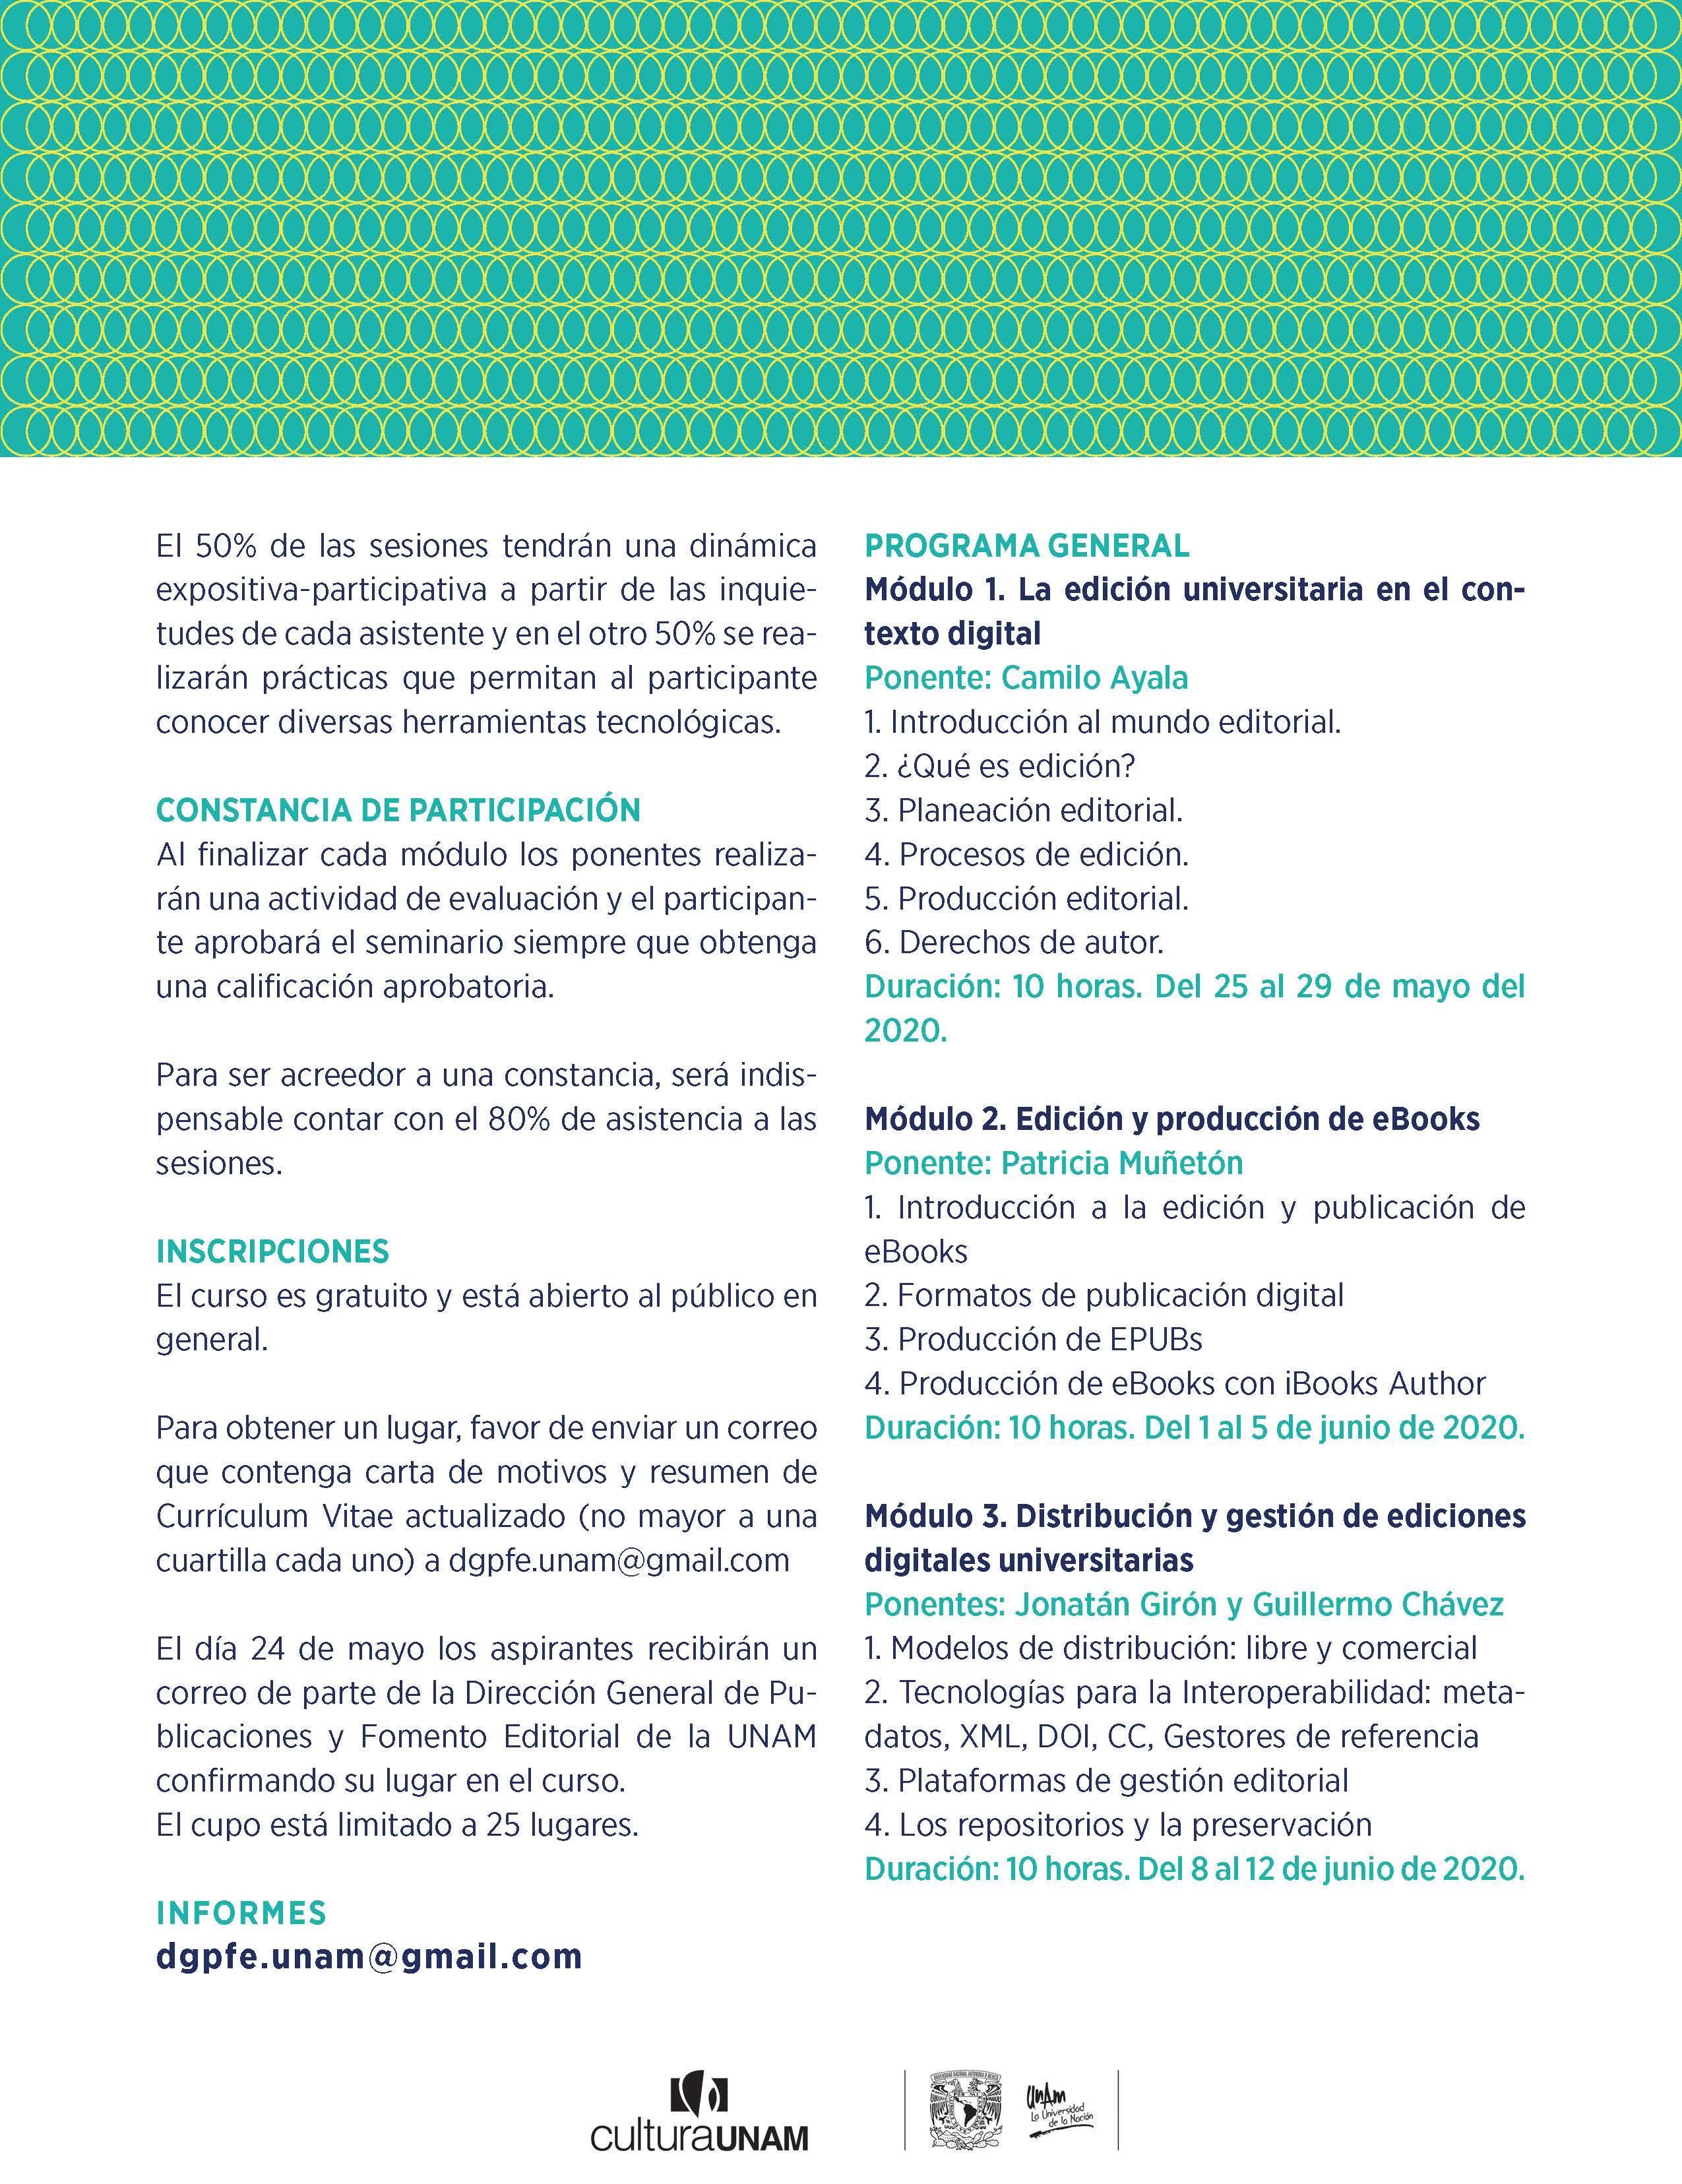 Seminario WEB para la edición y publicación digital del libro universitario